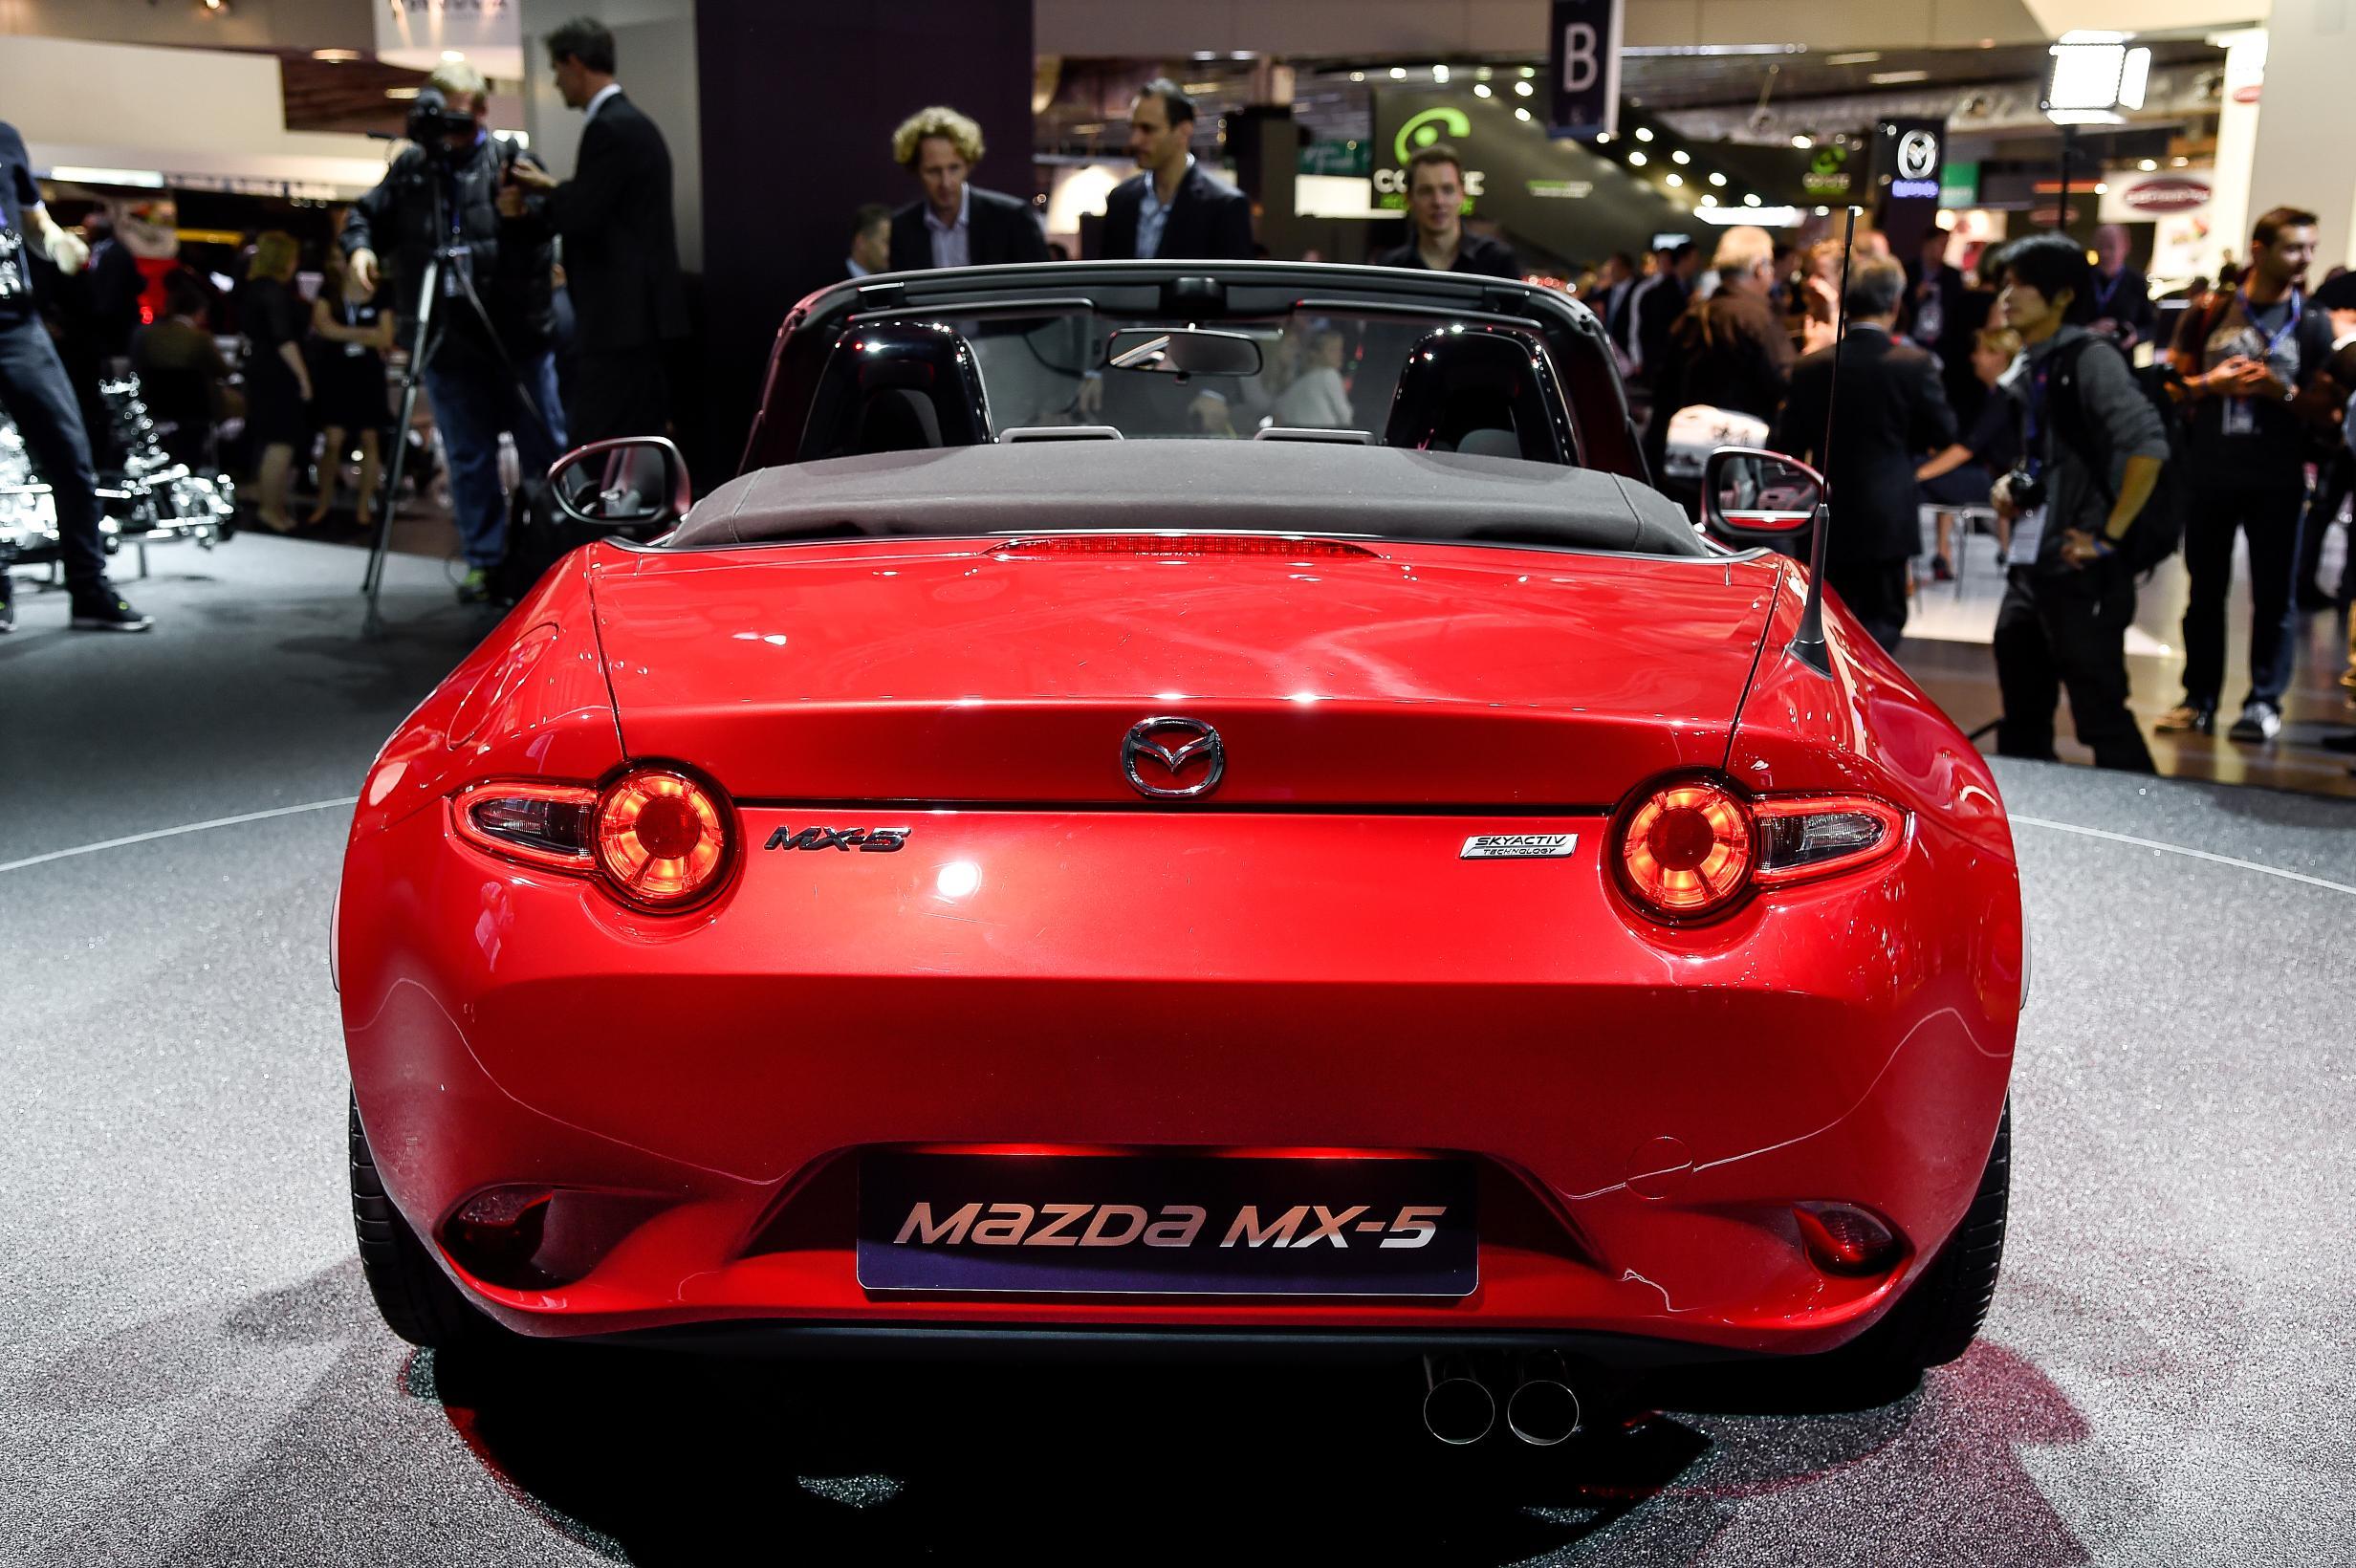 Nuova Mazda MX-5 al Salone di Parigi: le immagini dal vivo